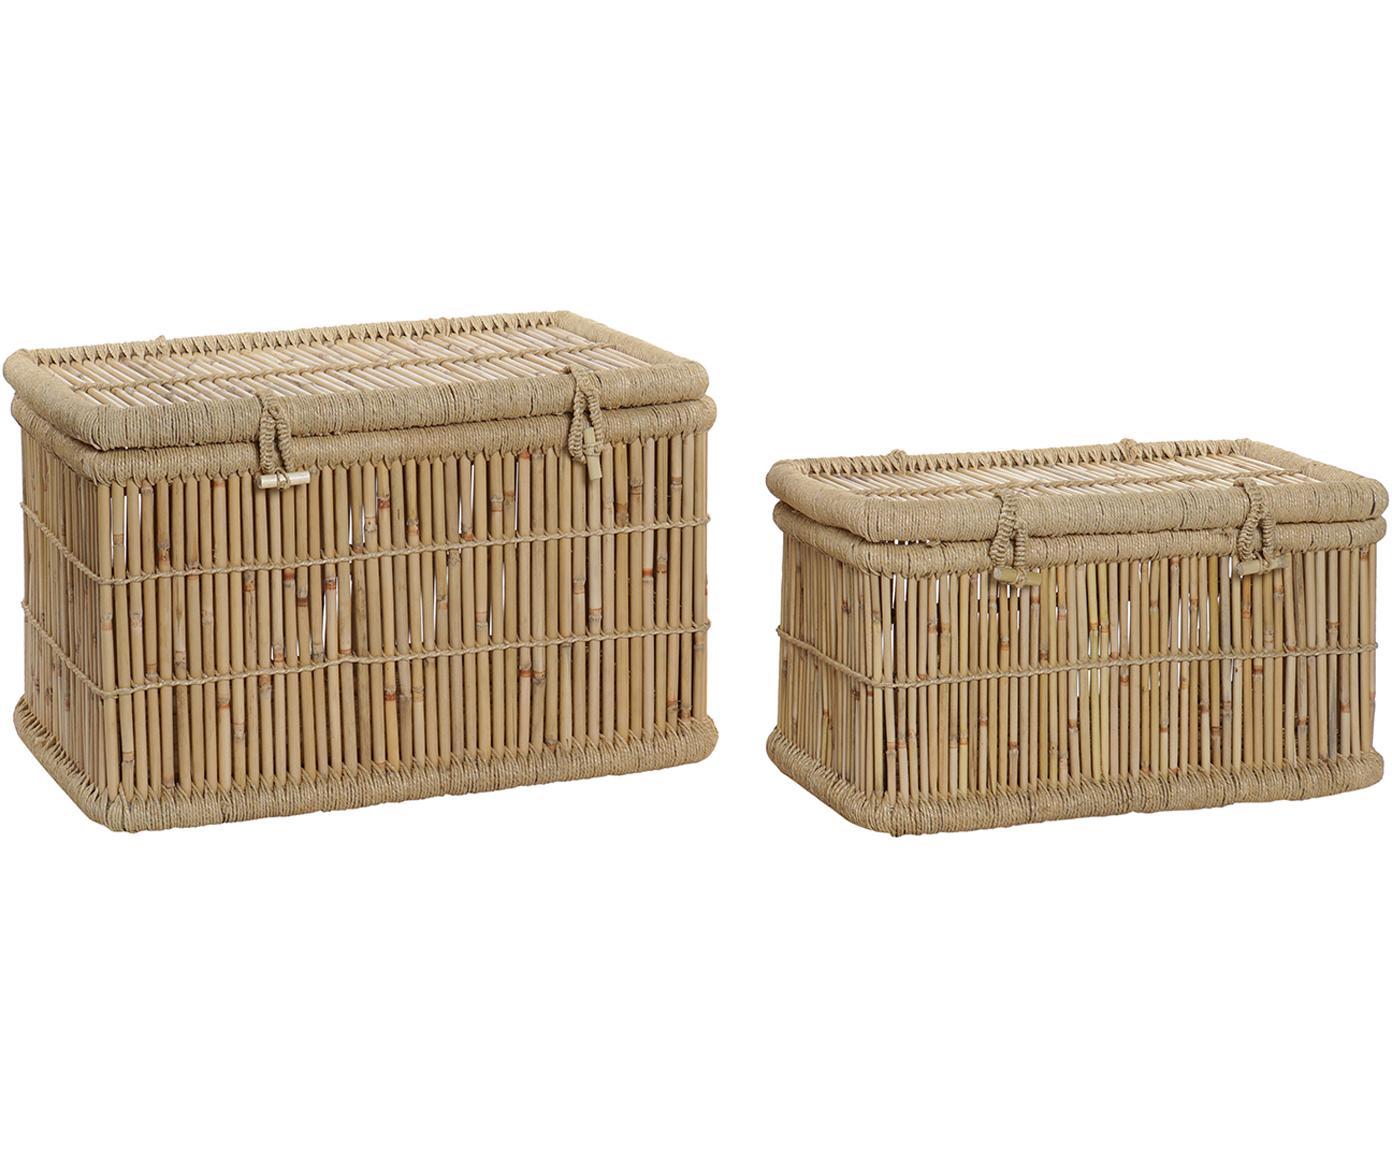 Set de cajas Nina, 2pzas., Caja: bambú, Beige, Tamaños diferentes